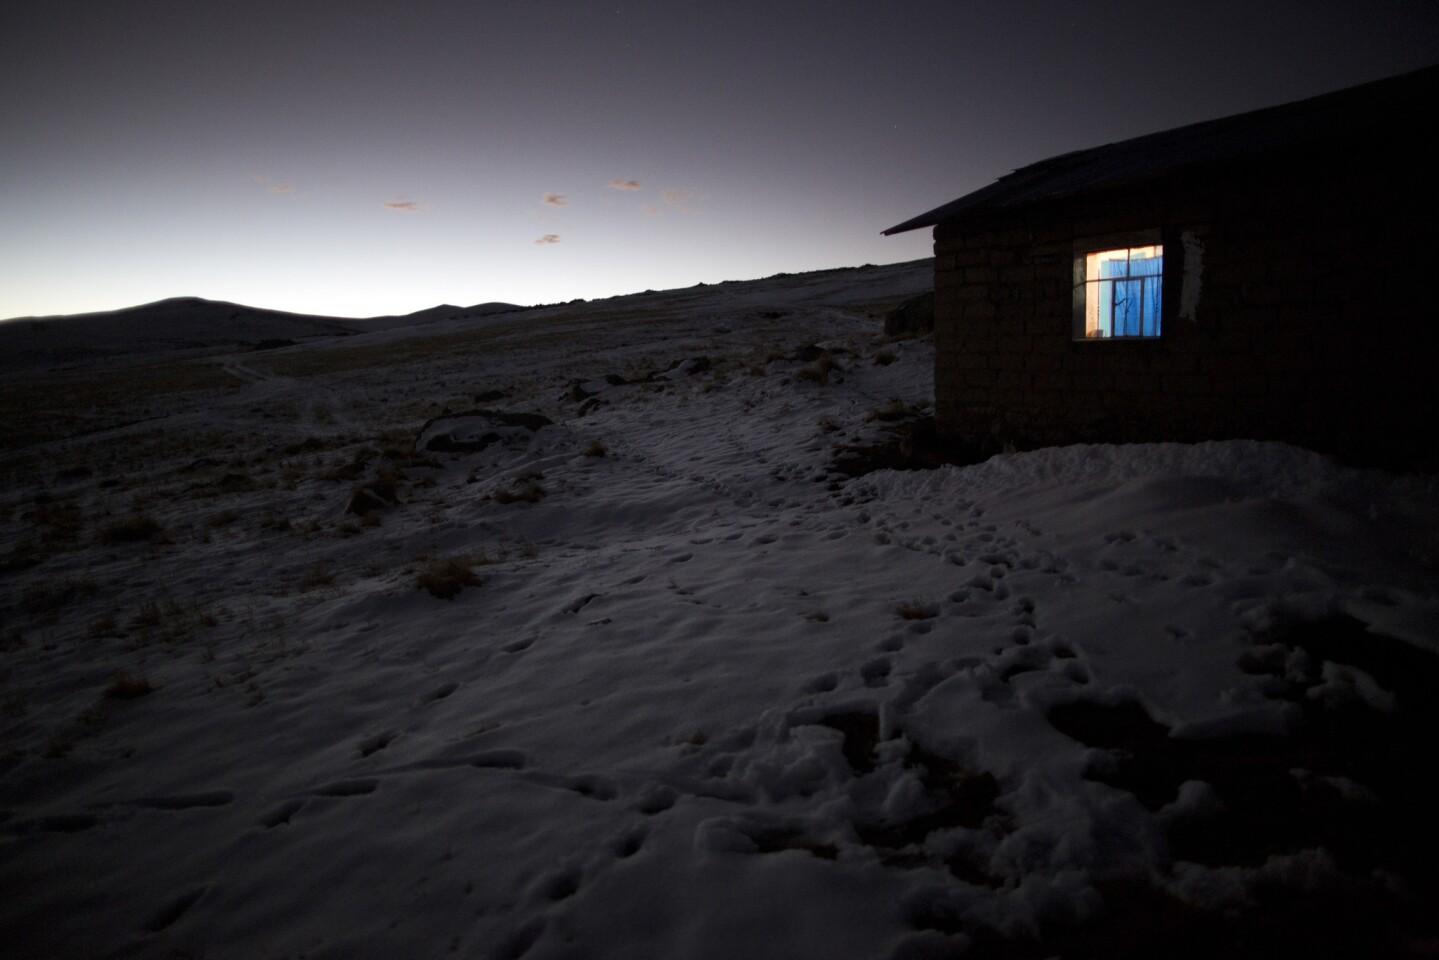 En esta fotografía la luz brilla a través de la ventana de una casa en medio de campos de nieve en San Antonio de Putina en la región de Puno, Perú, un área donde los locales crían alpacas y ovejas por su lana. Cada invierno el congelamiento destruye las praderas y hace difícil que los animales se alimenten. (AP Foto/Rodrigo Abd)